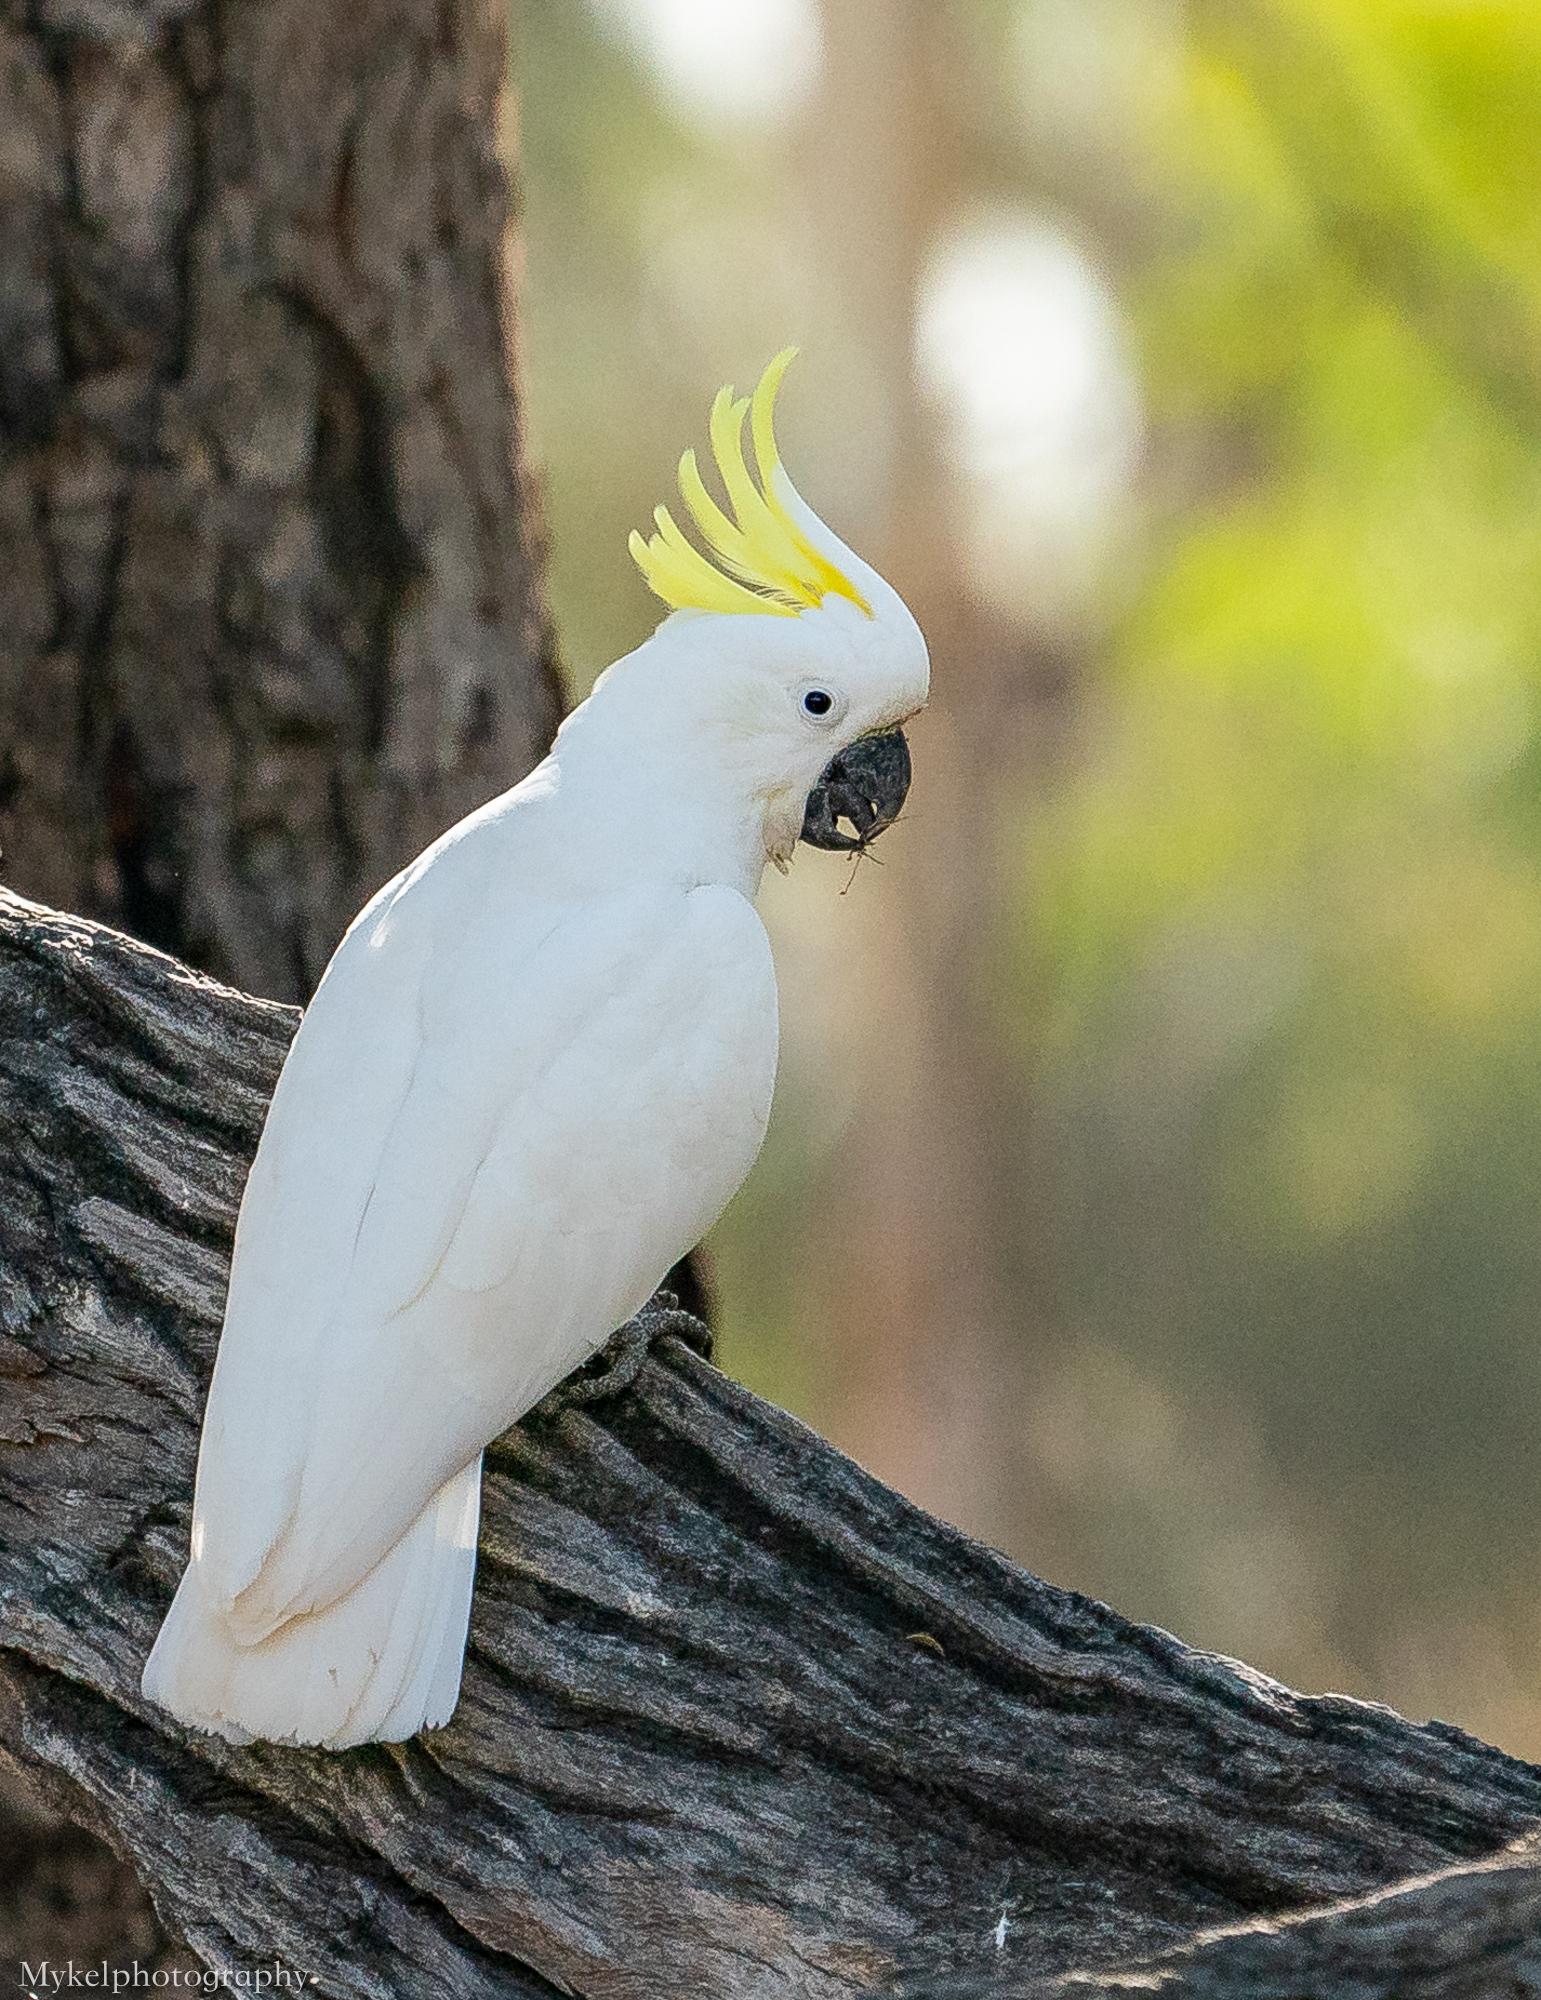 Sulphur-crested Cockatoo Cacatua galerita Cacatuidae